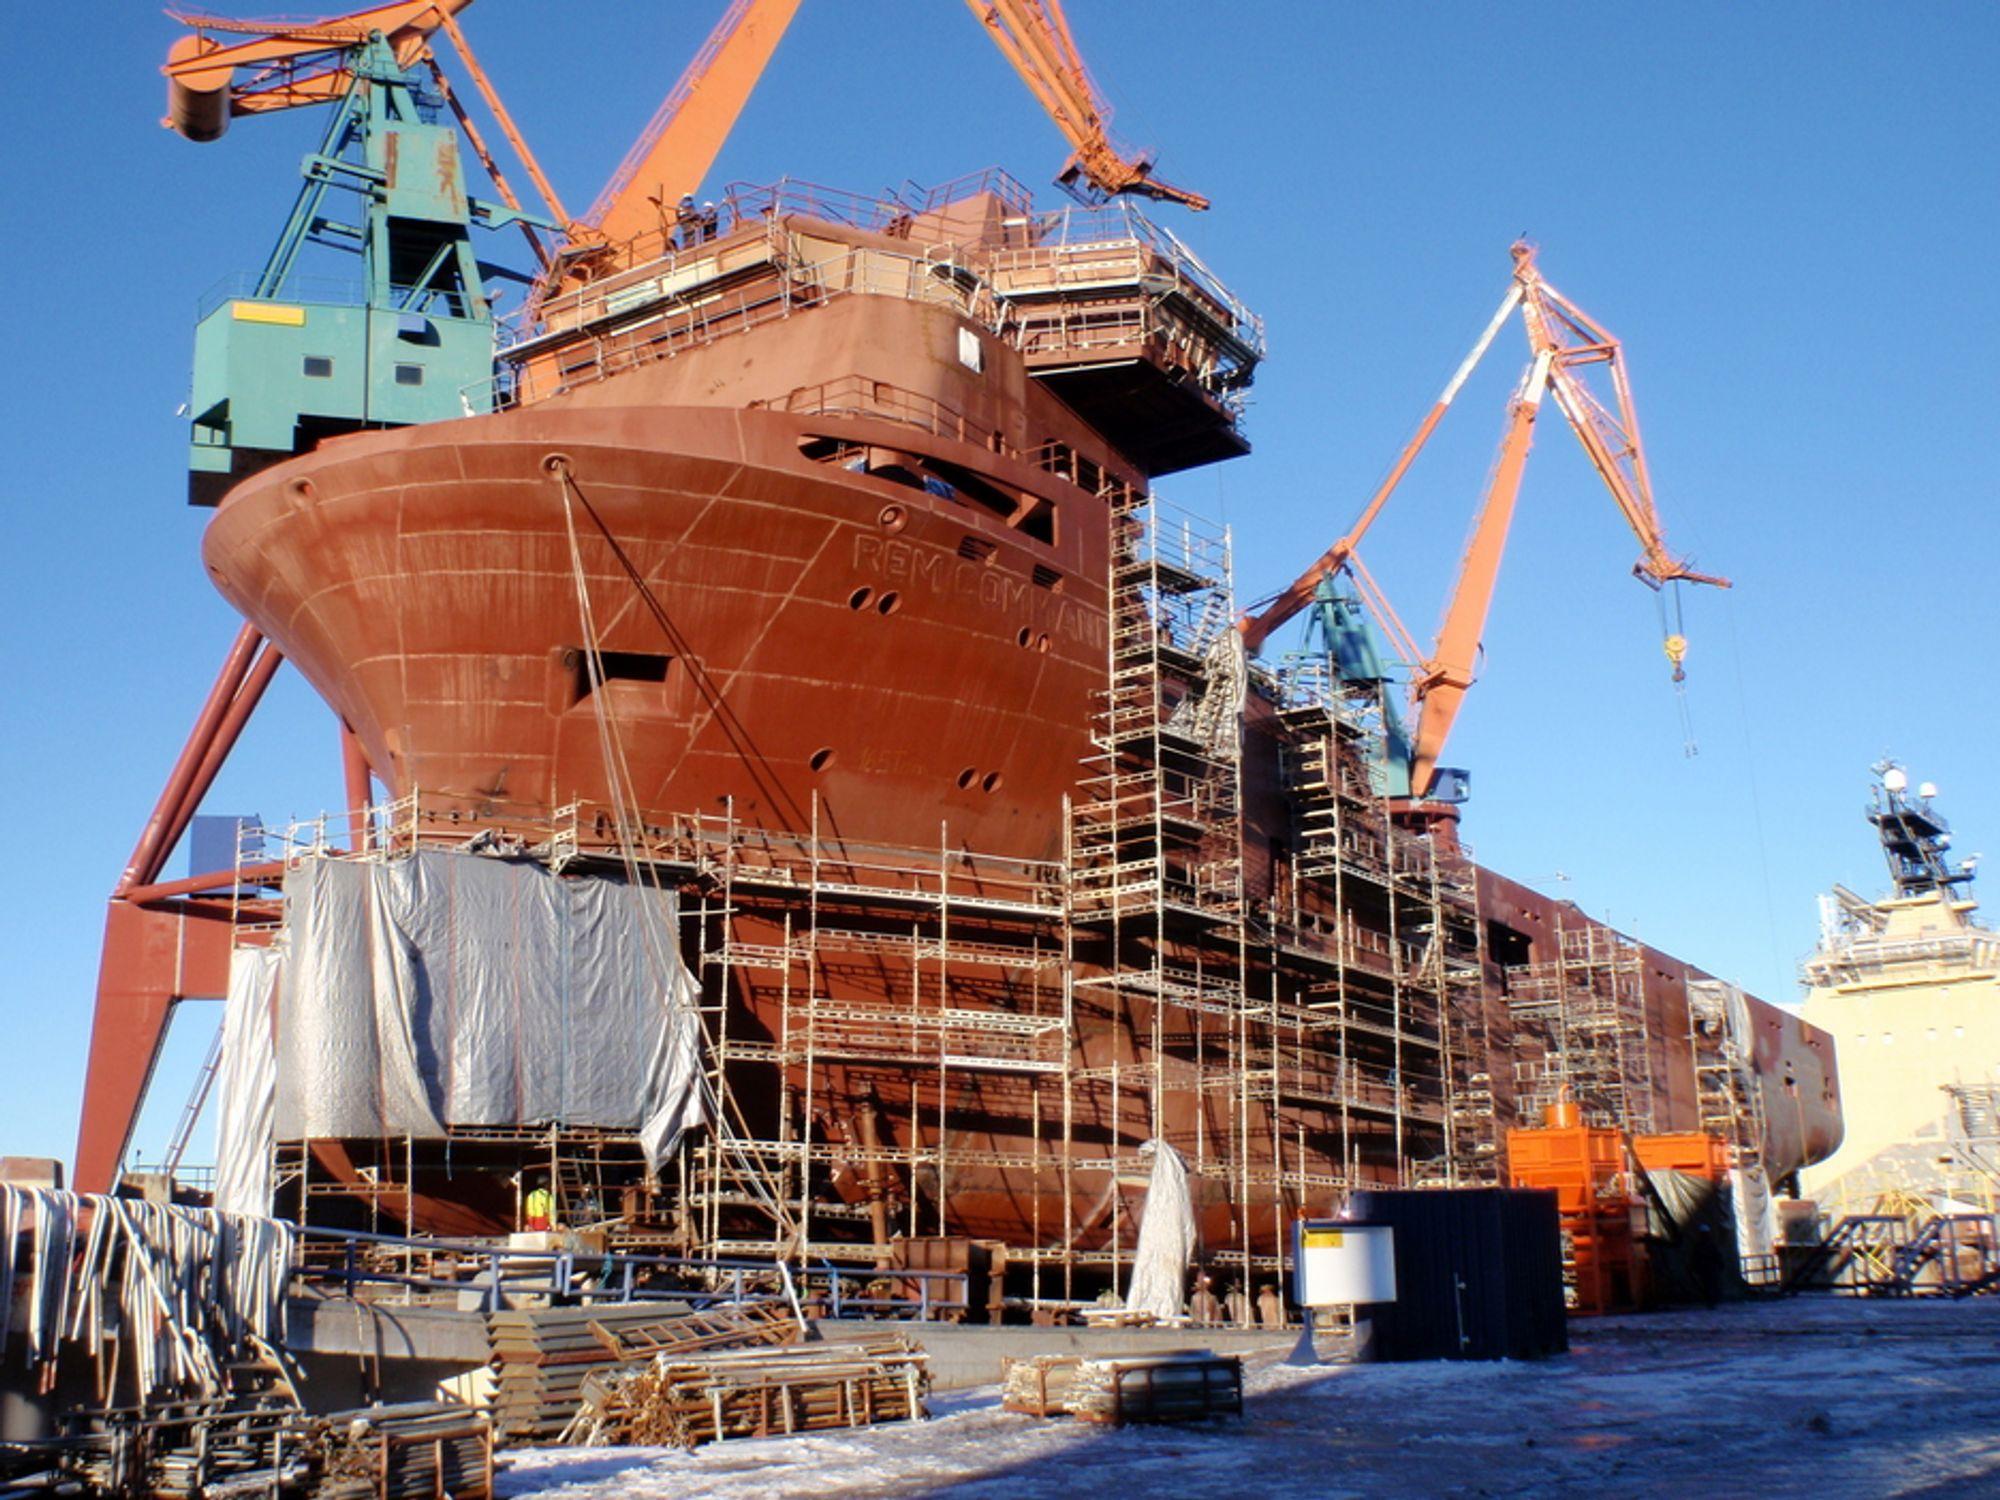 SJØSETTING: Det første av to forsyningsskip for Rem Offshore under bygging ved Kleven Maritime i Ulsteinvik. Sjøsatt fra beddingen 12. mars. Skipet er 85 meter langt og 20 meter bredt.